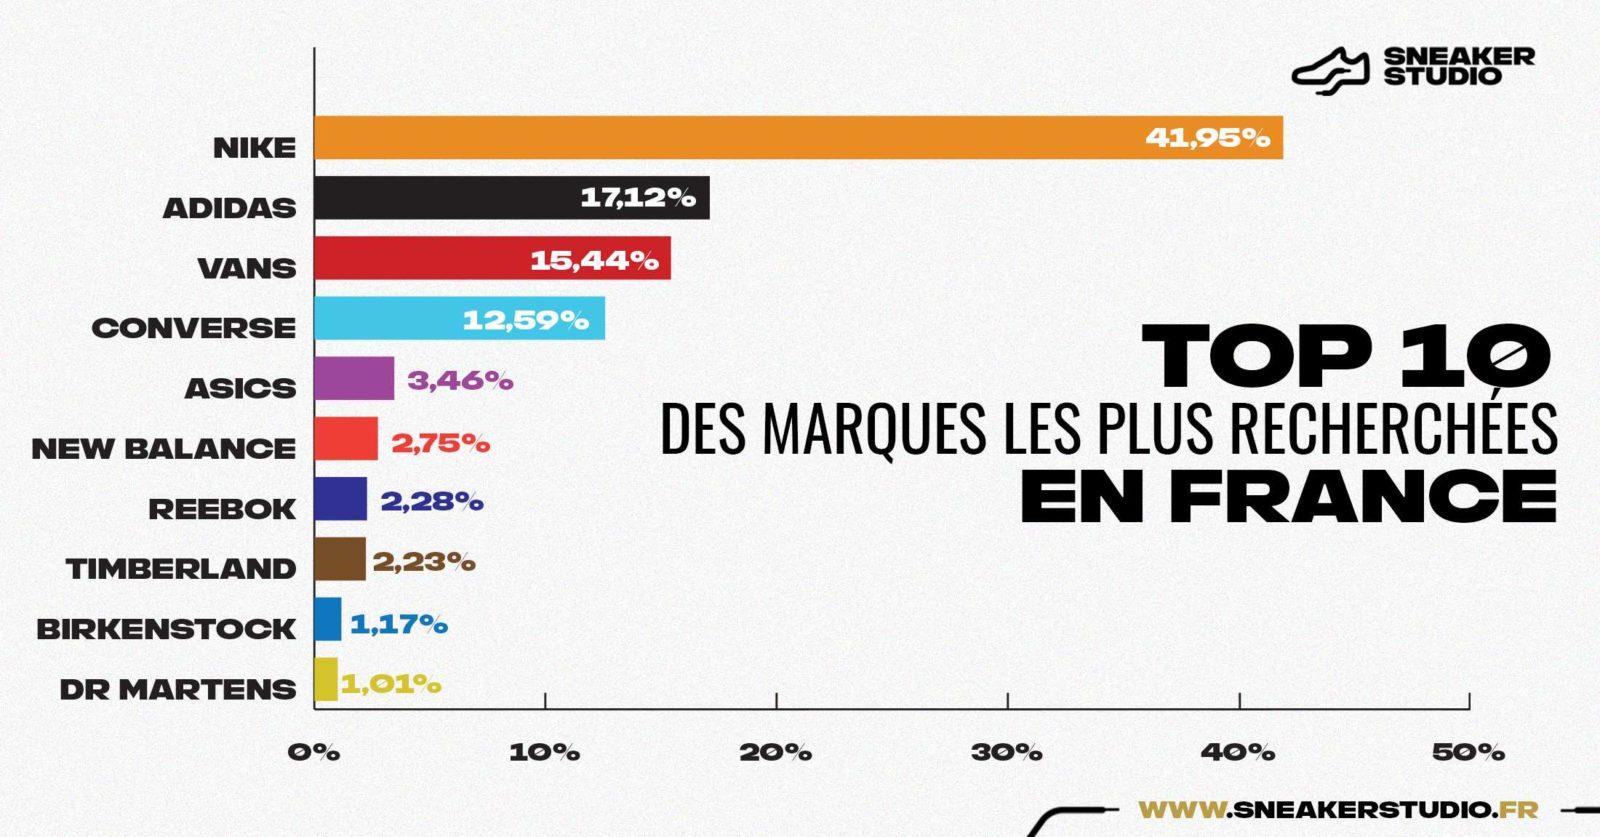 Top 10 des marques les plus populaires de France